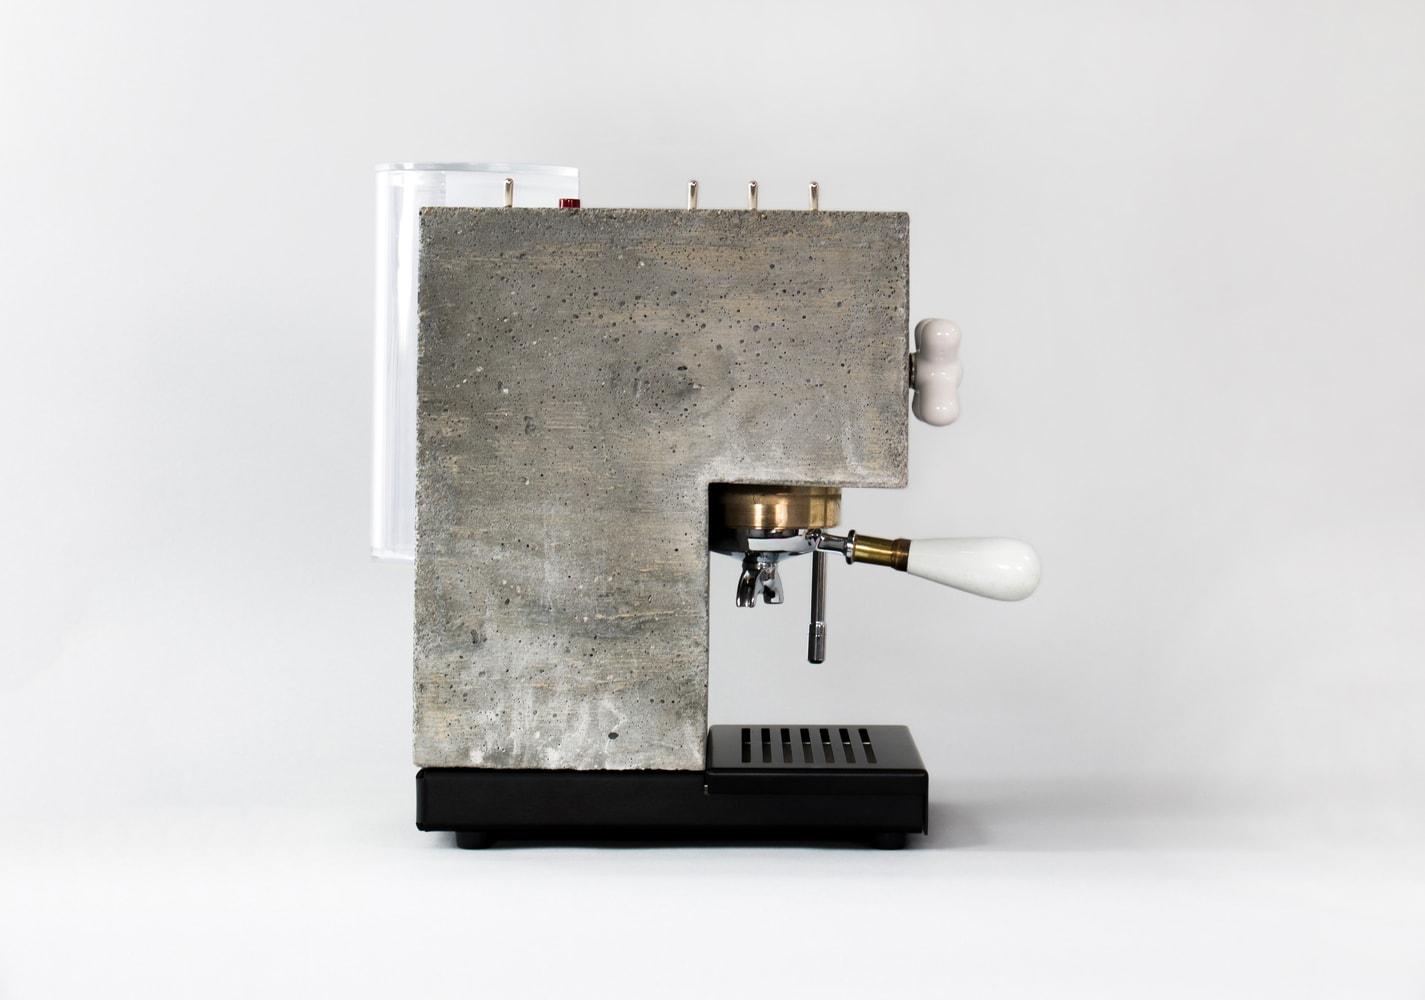 anza coffee maker